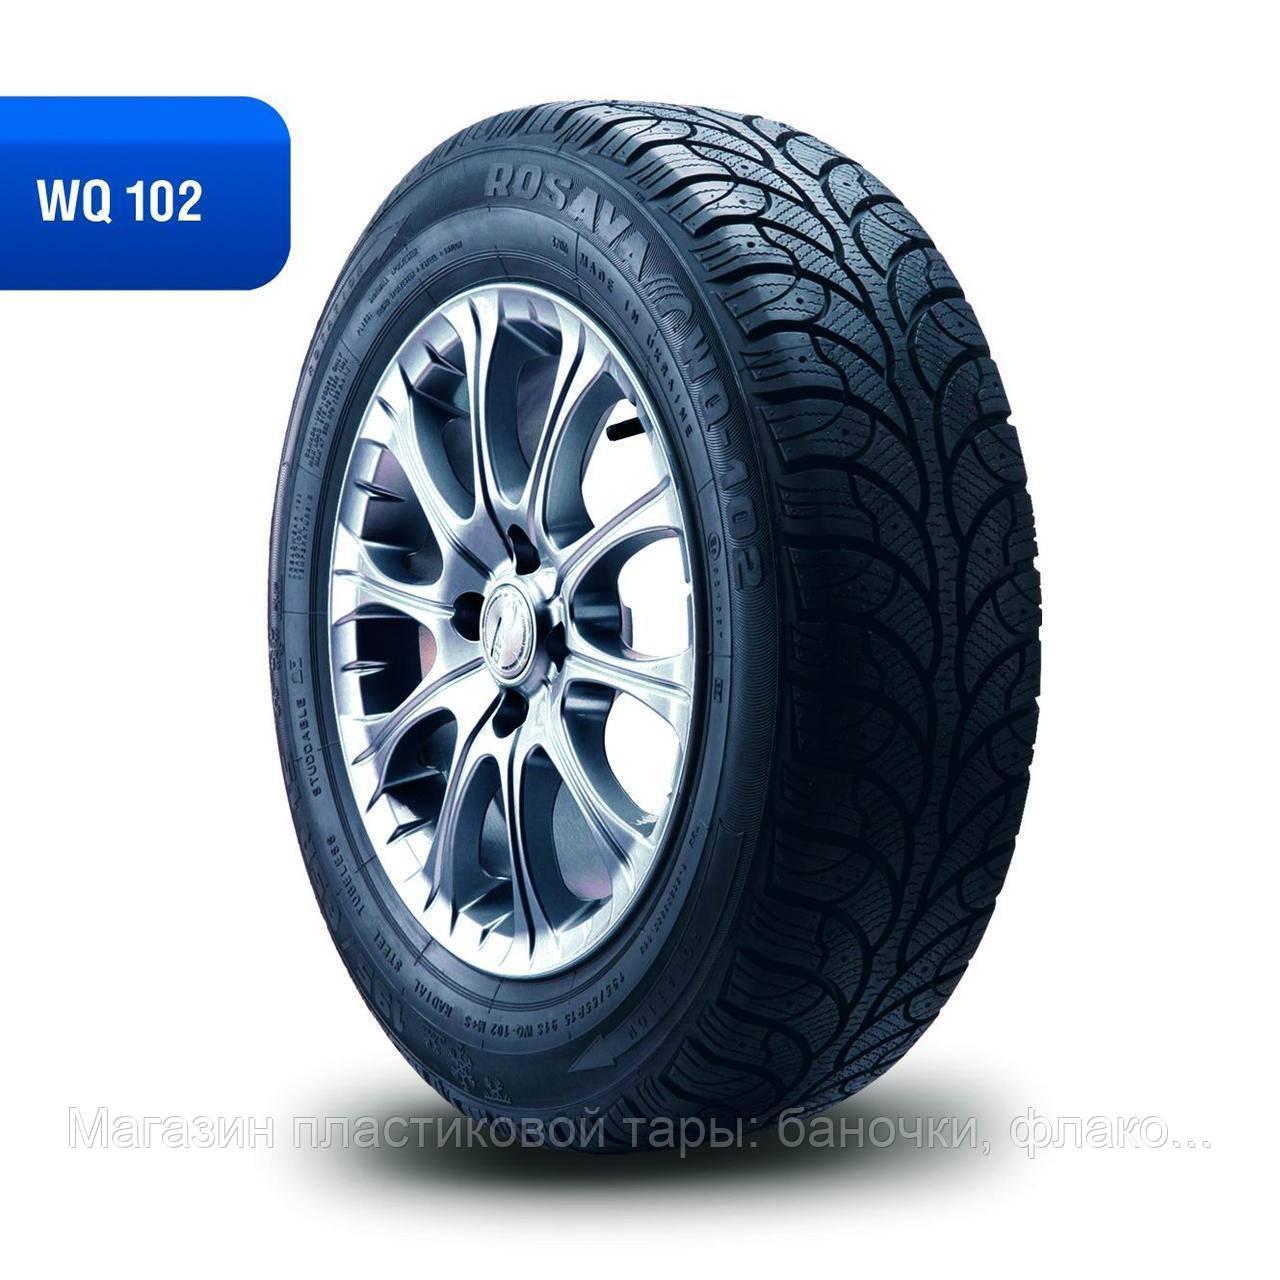 195/65R15 WQ-102 зимние шины Росава